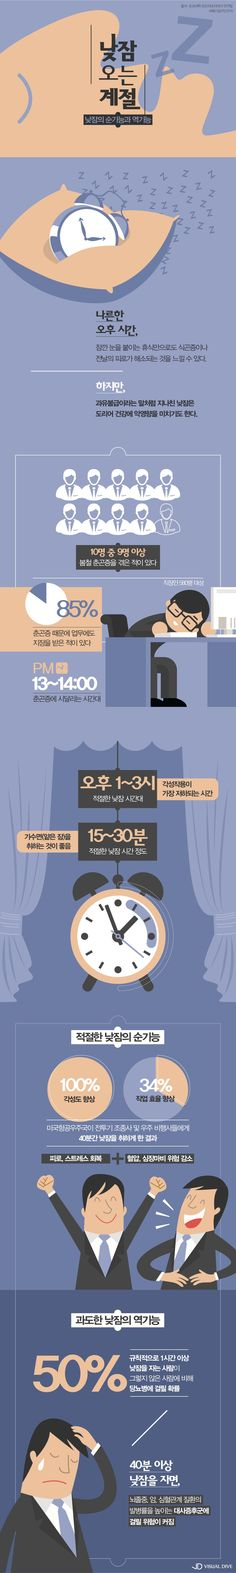 '춘곤증 밀려오는 봄'…낮잠의 순기능과 역기능은 무엇? [인포그래픽] #sleep / #Infographic ⓒ 비주얼다이브 무단 복사·전재·재배포 금지